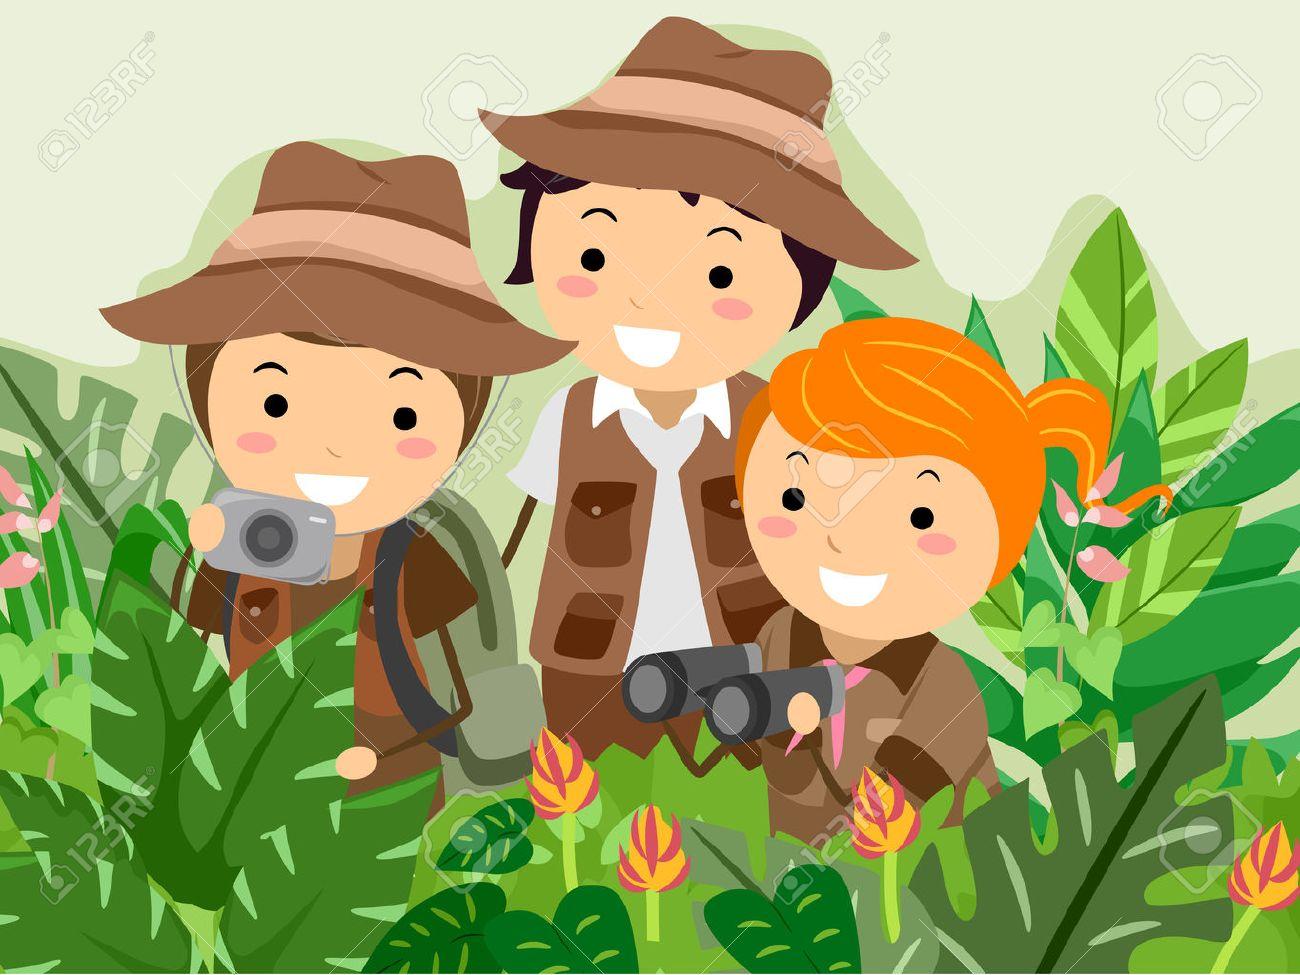 hight resolution of illustration featuring kids on a safari adventure stock vector 31678323